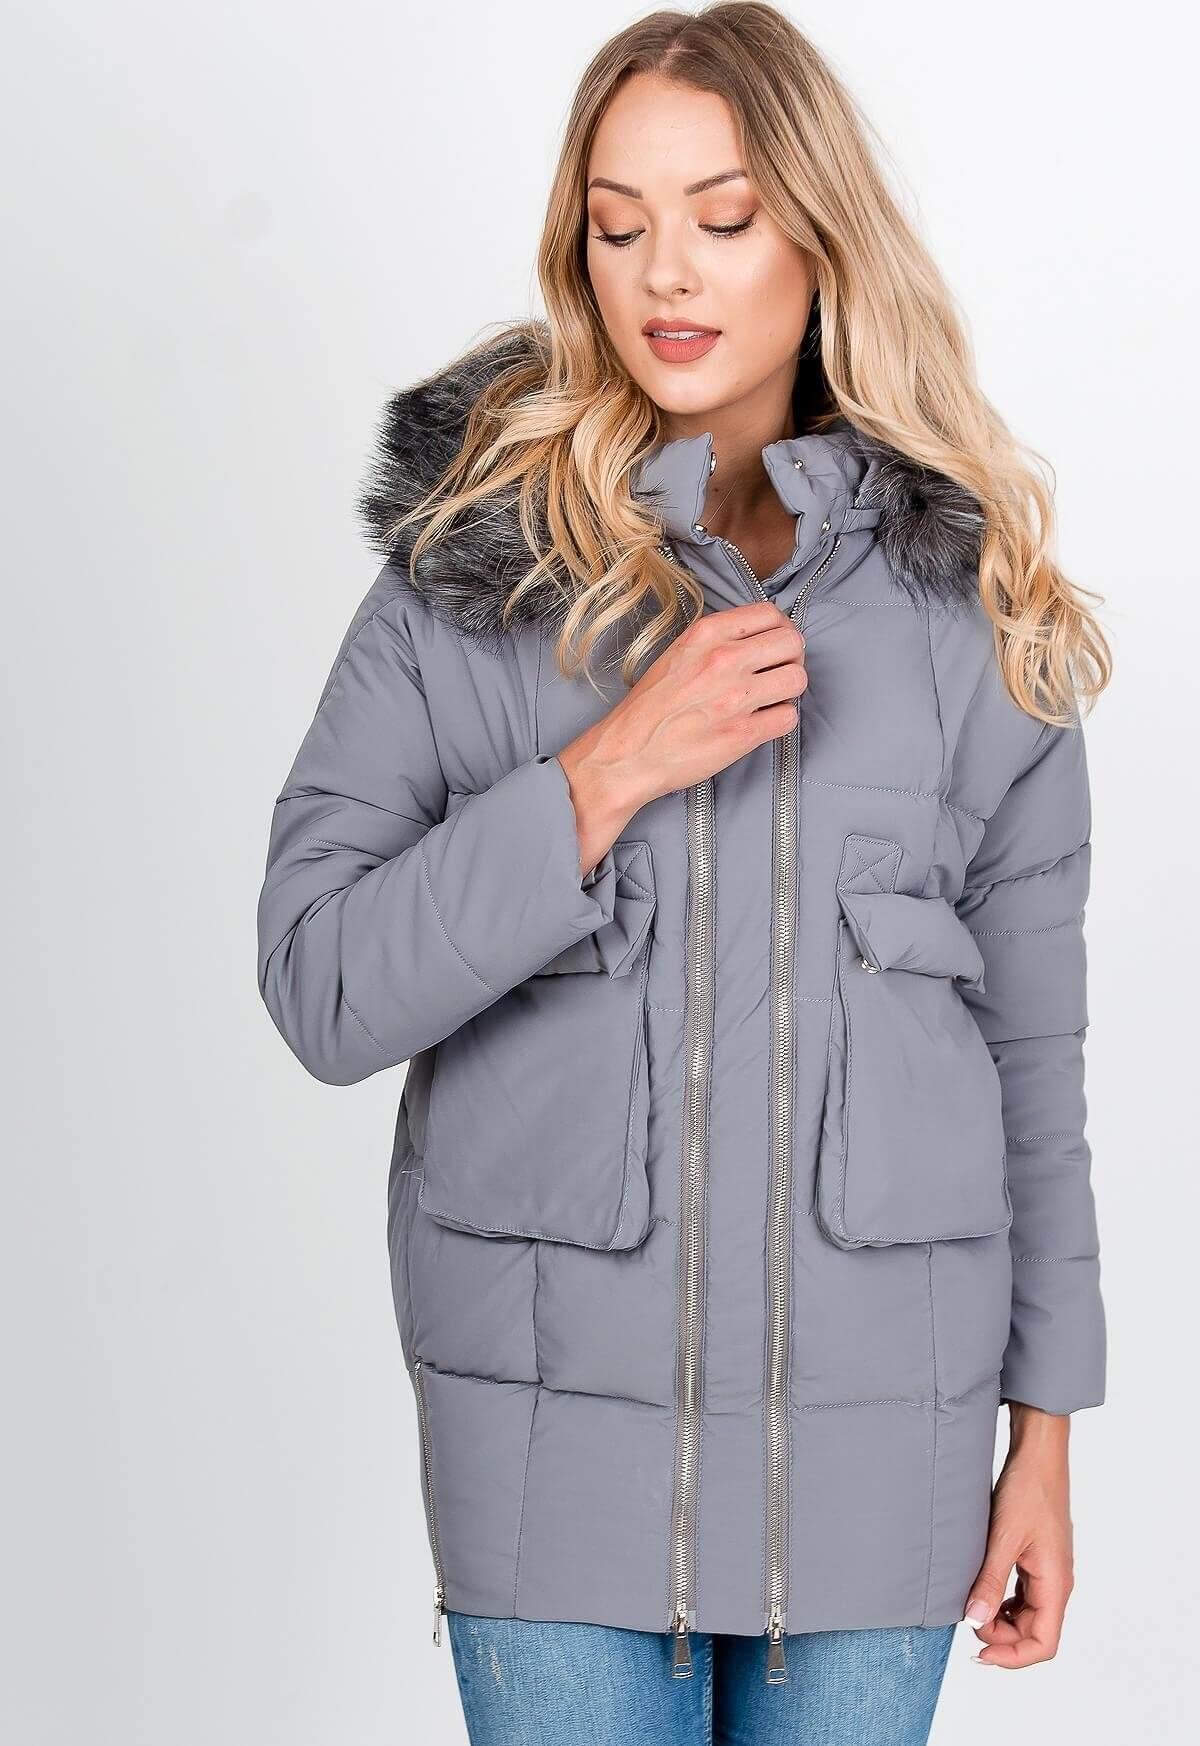 Dámska sivá bunda s dvojitým zipsom